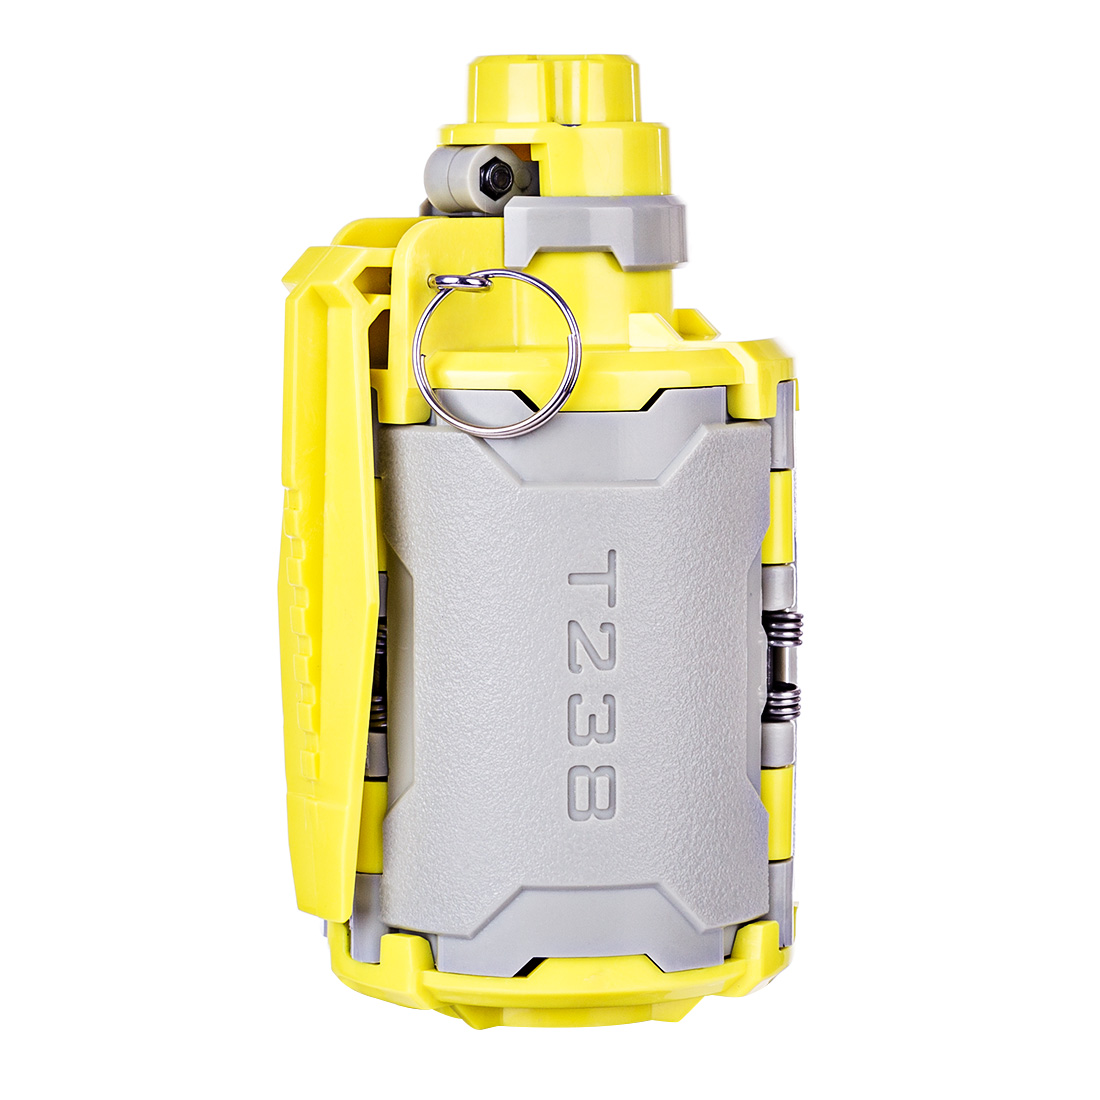 T238 V2 большая емкость водная игрушка в виде бомбы с функцией задержки времени для гелевого шарика BBs страйкбольной игры-серый + желтый